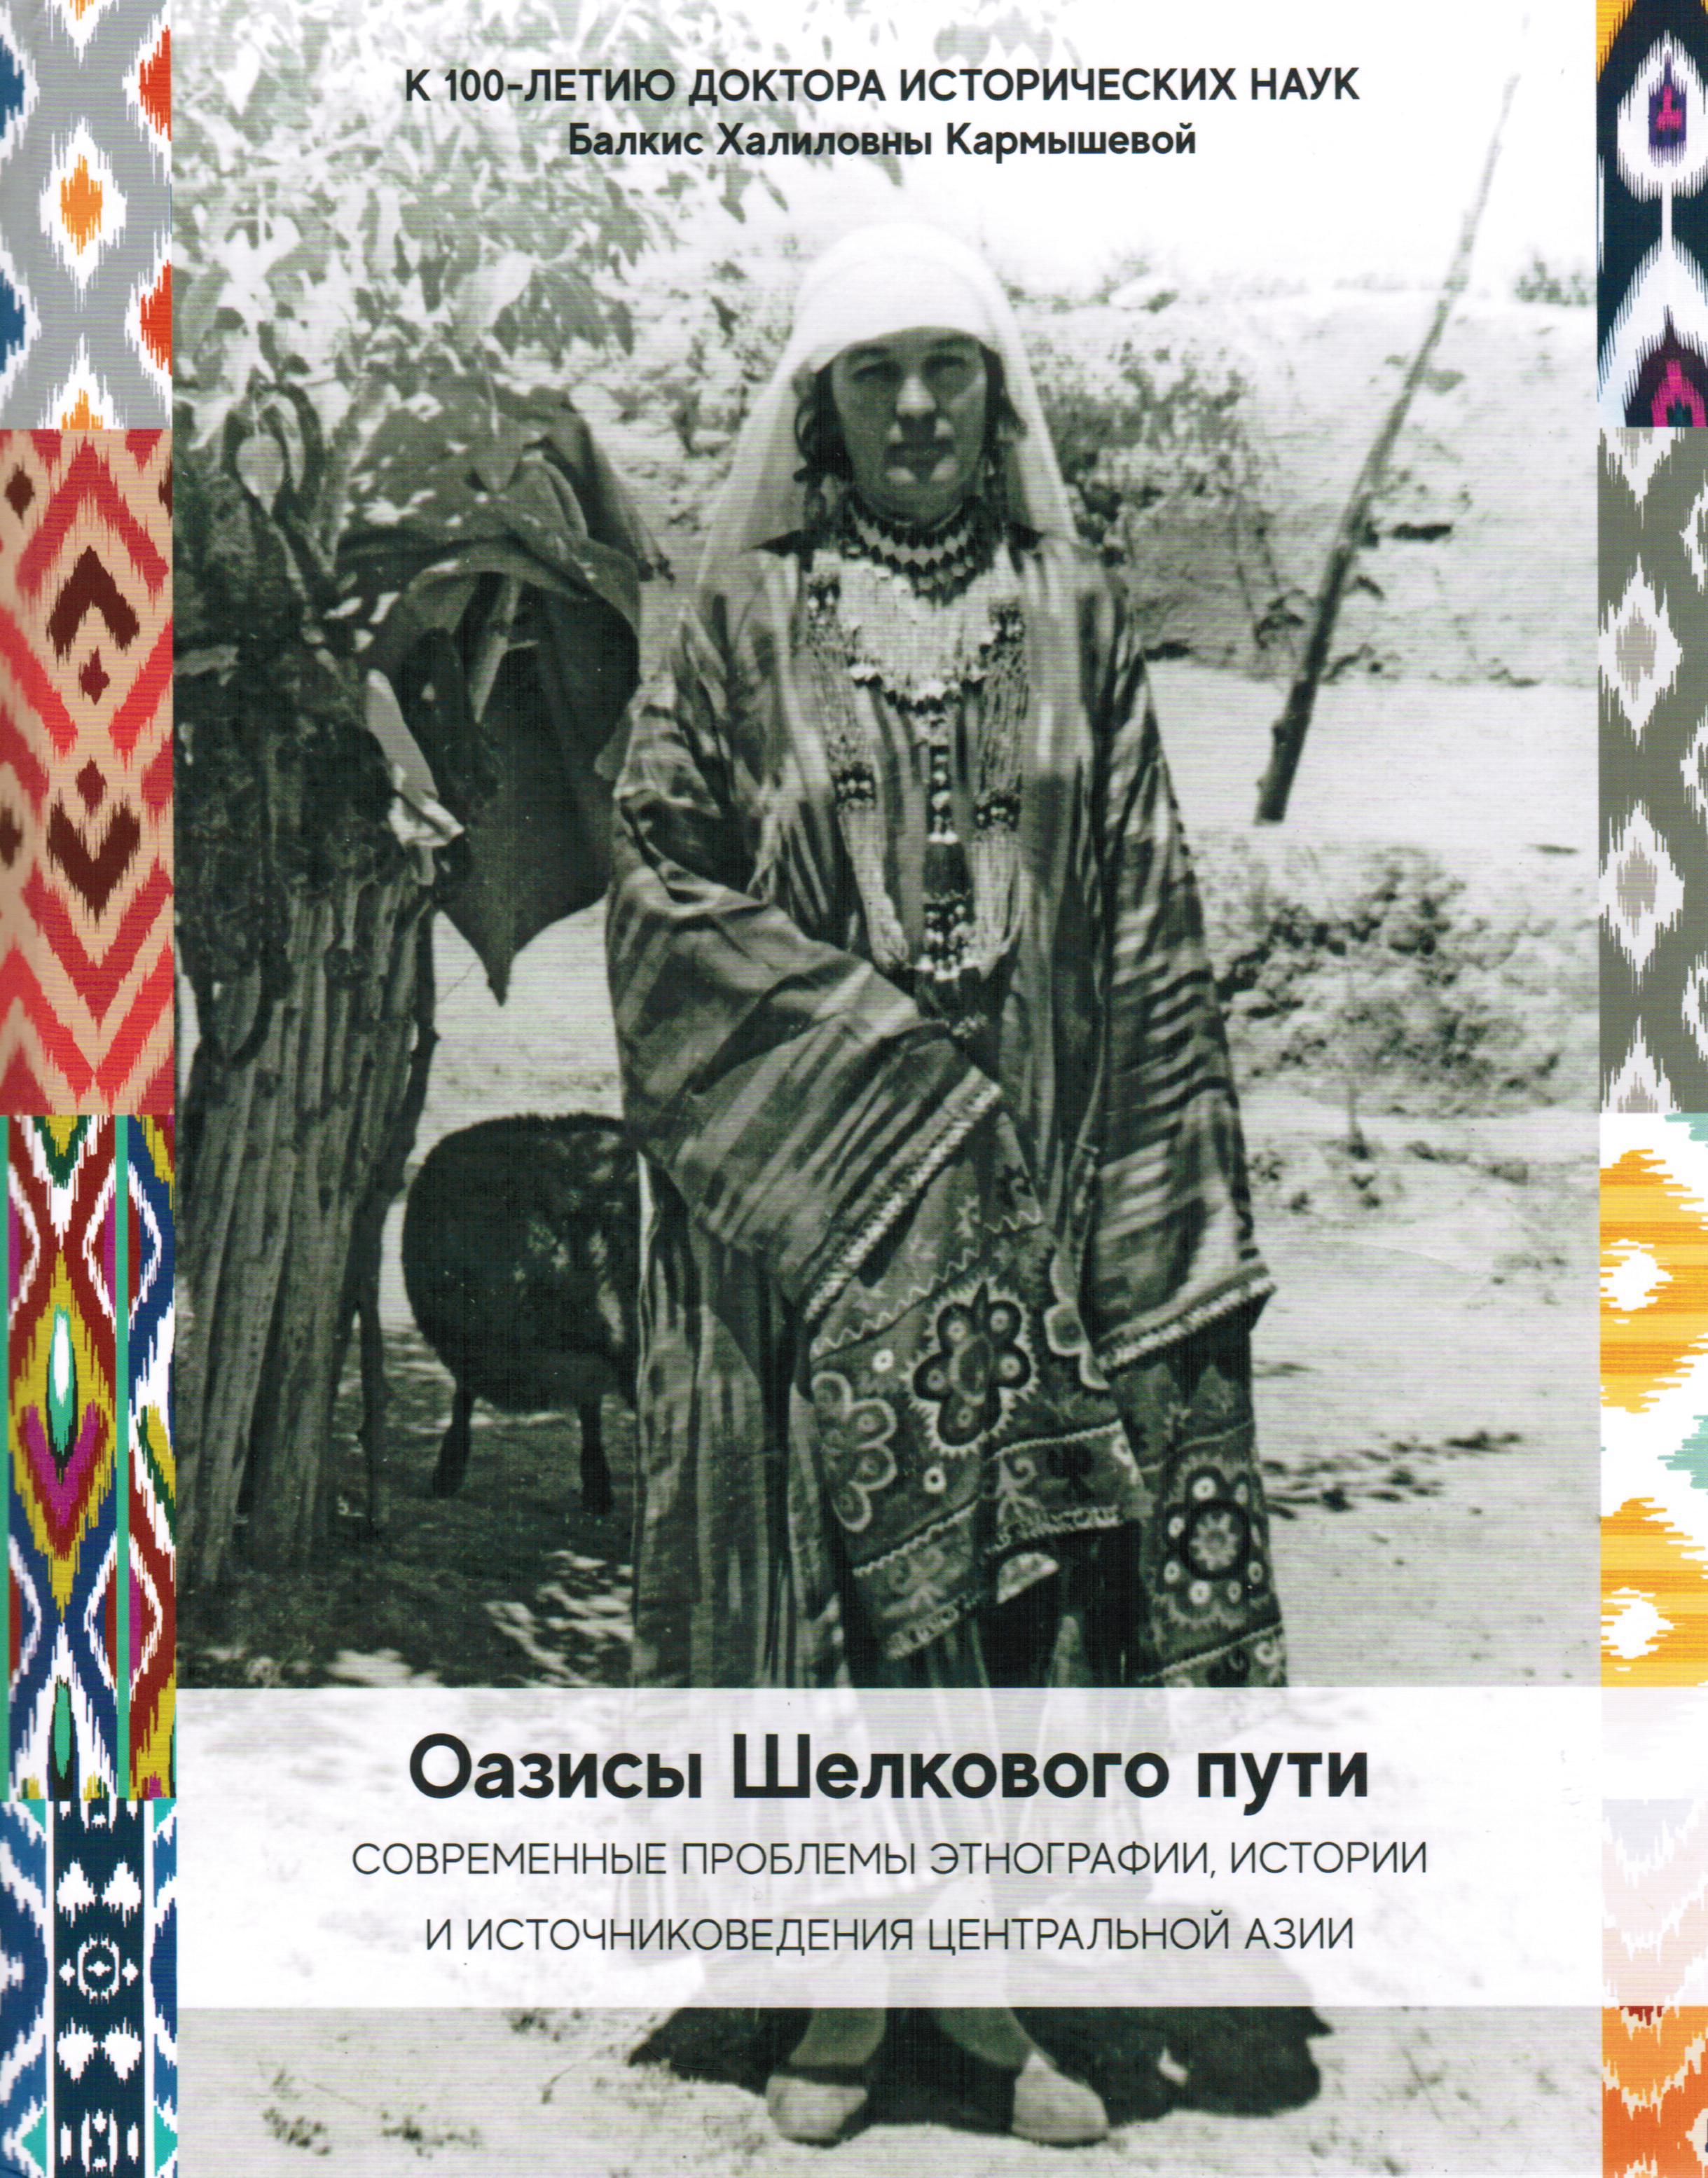 Оазисы Шелкового пути: современные проблемы этнографии, истории и источниковедения народов Центральной Азии